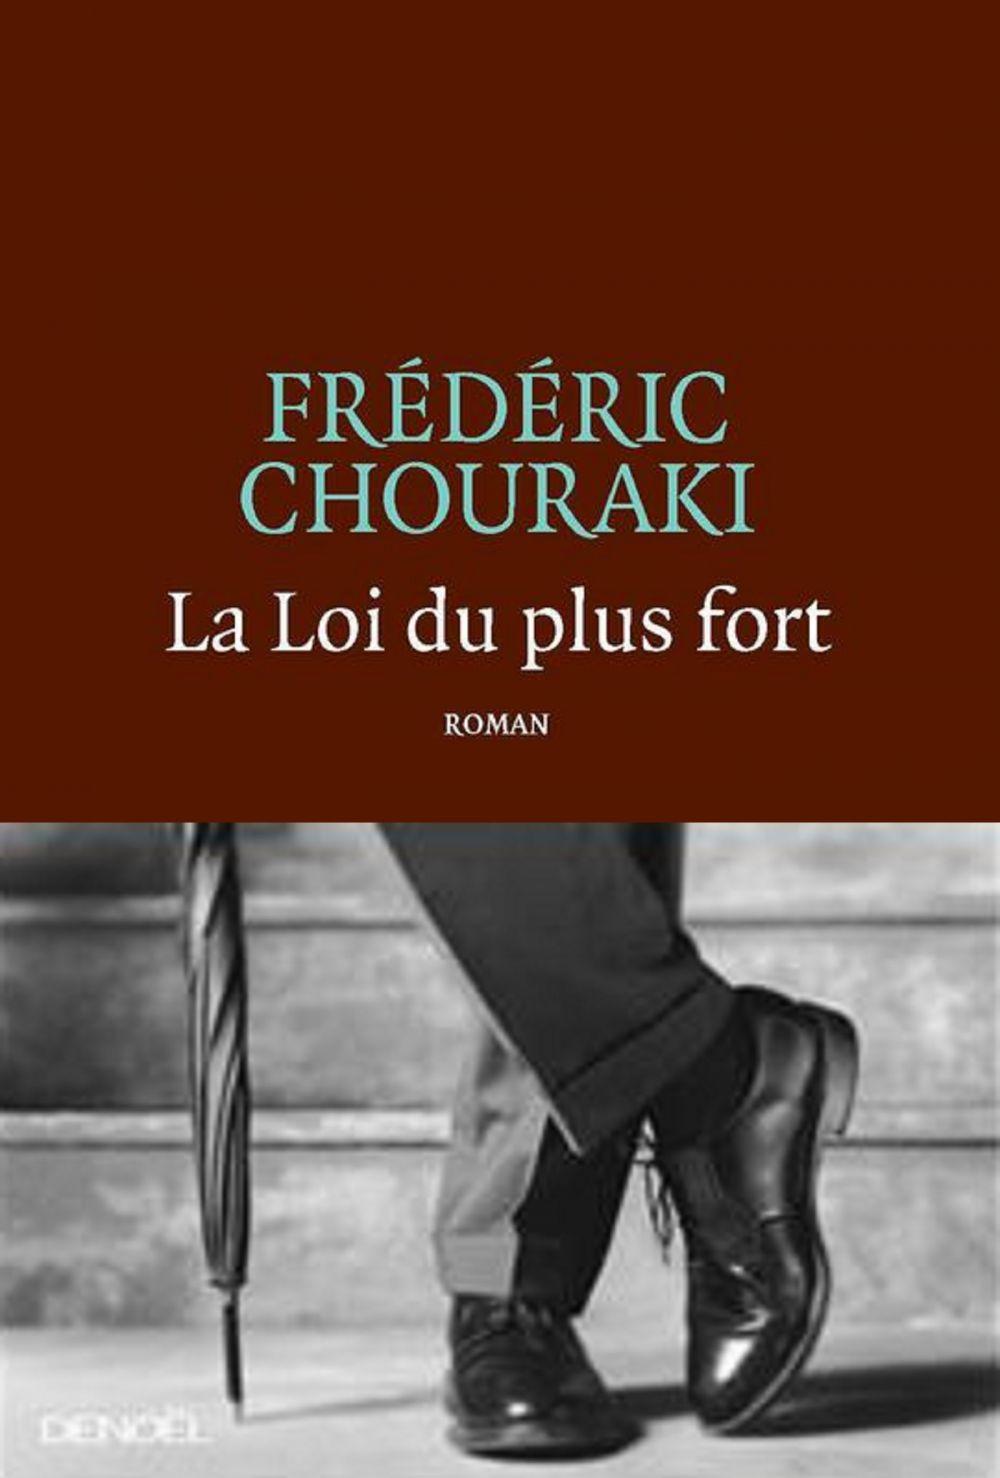 La Loi du plus fort | Chouraki, Frédéric (1972-....). Auteur